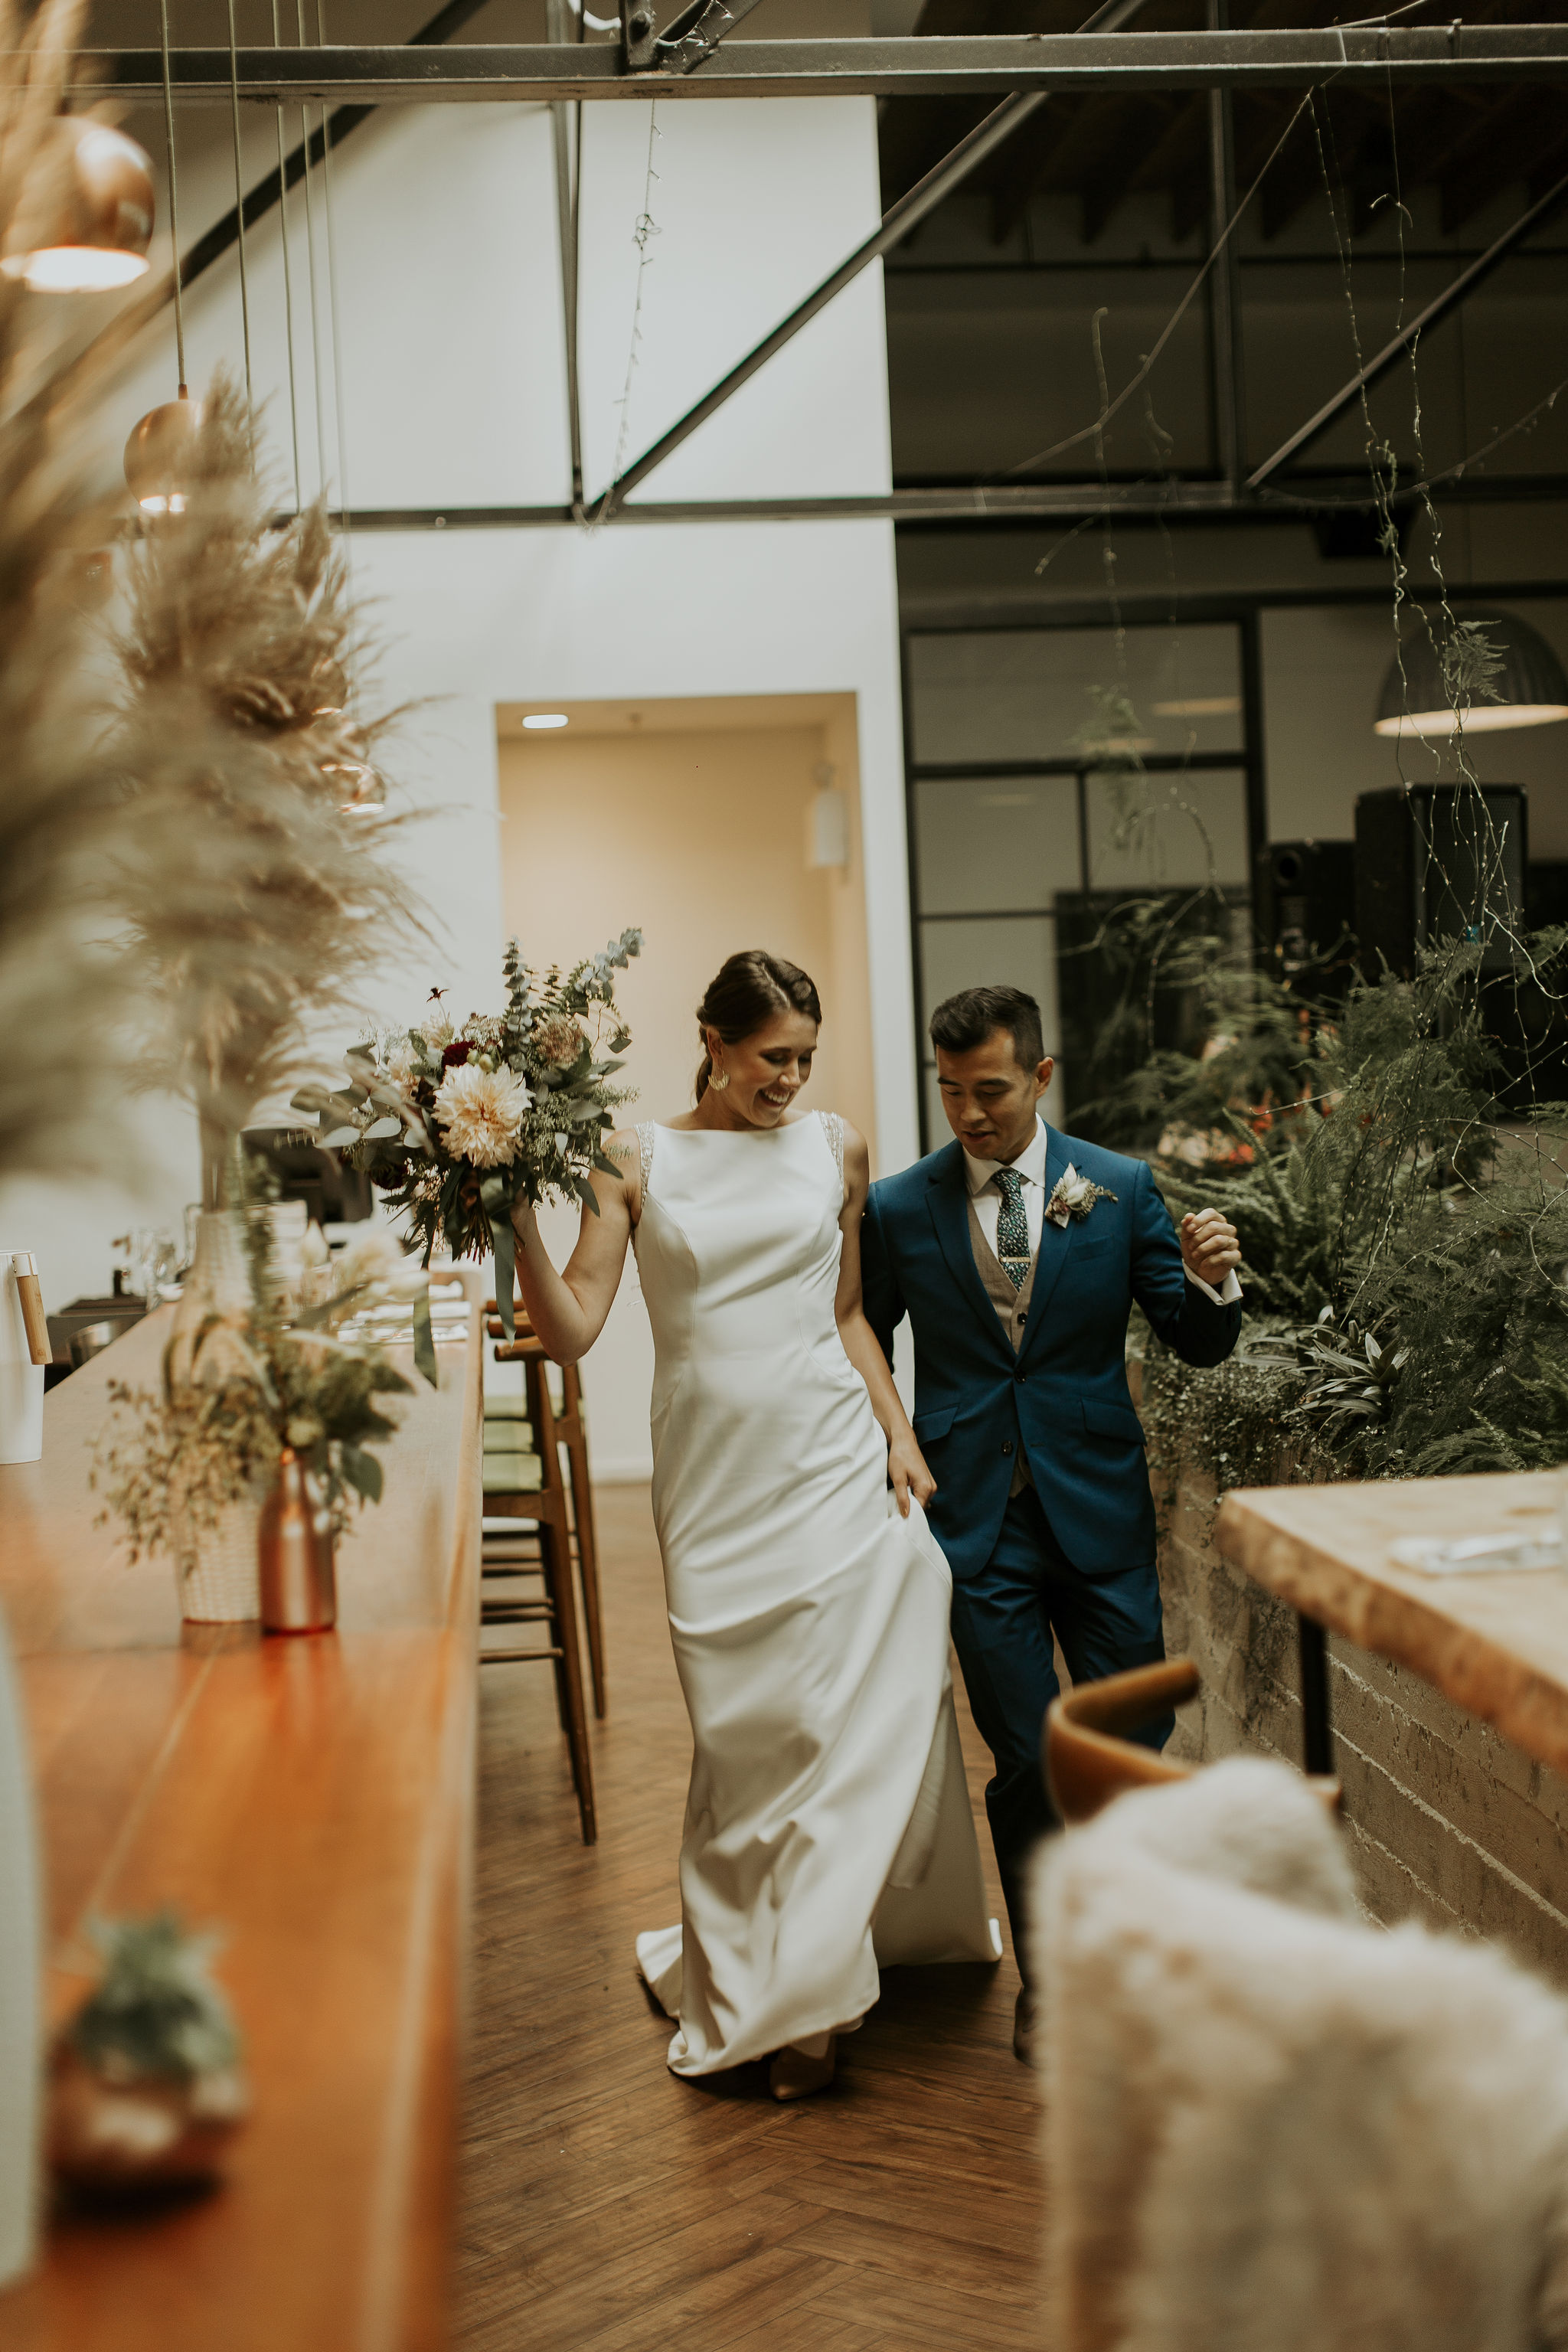 AK_Wedding_Reception-11.jpg